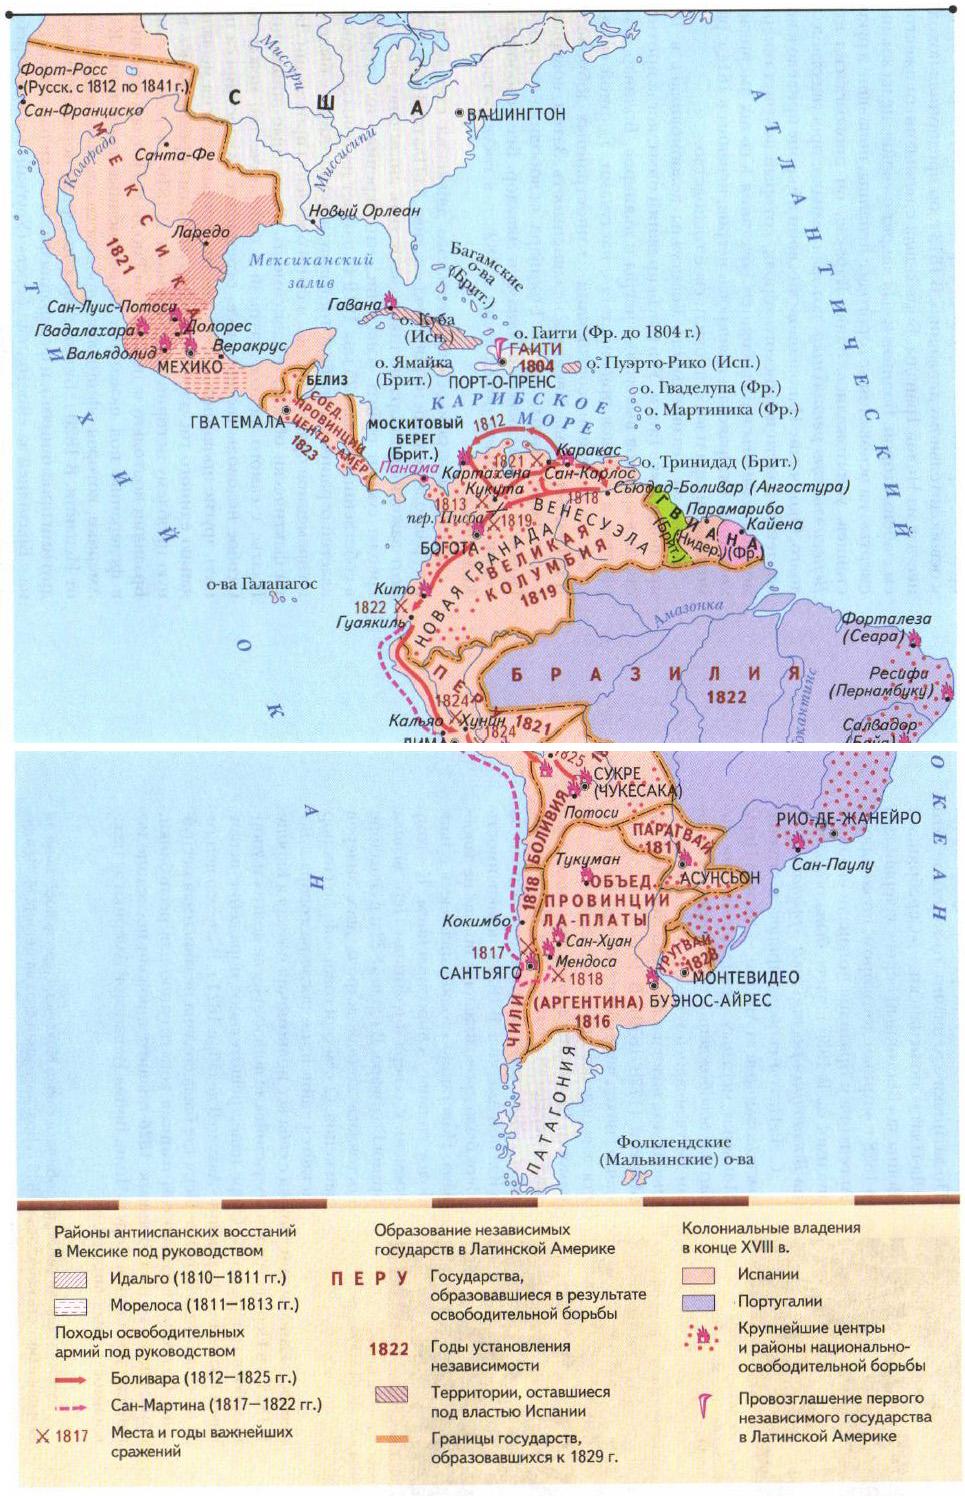 Образование независимых государств в латинской америке реферат 807